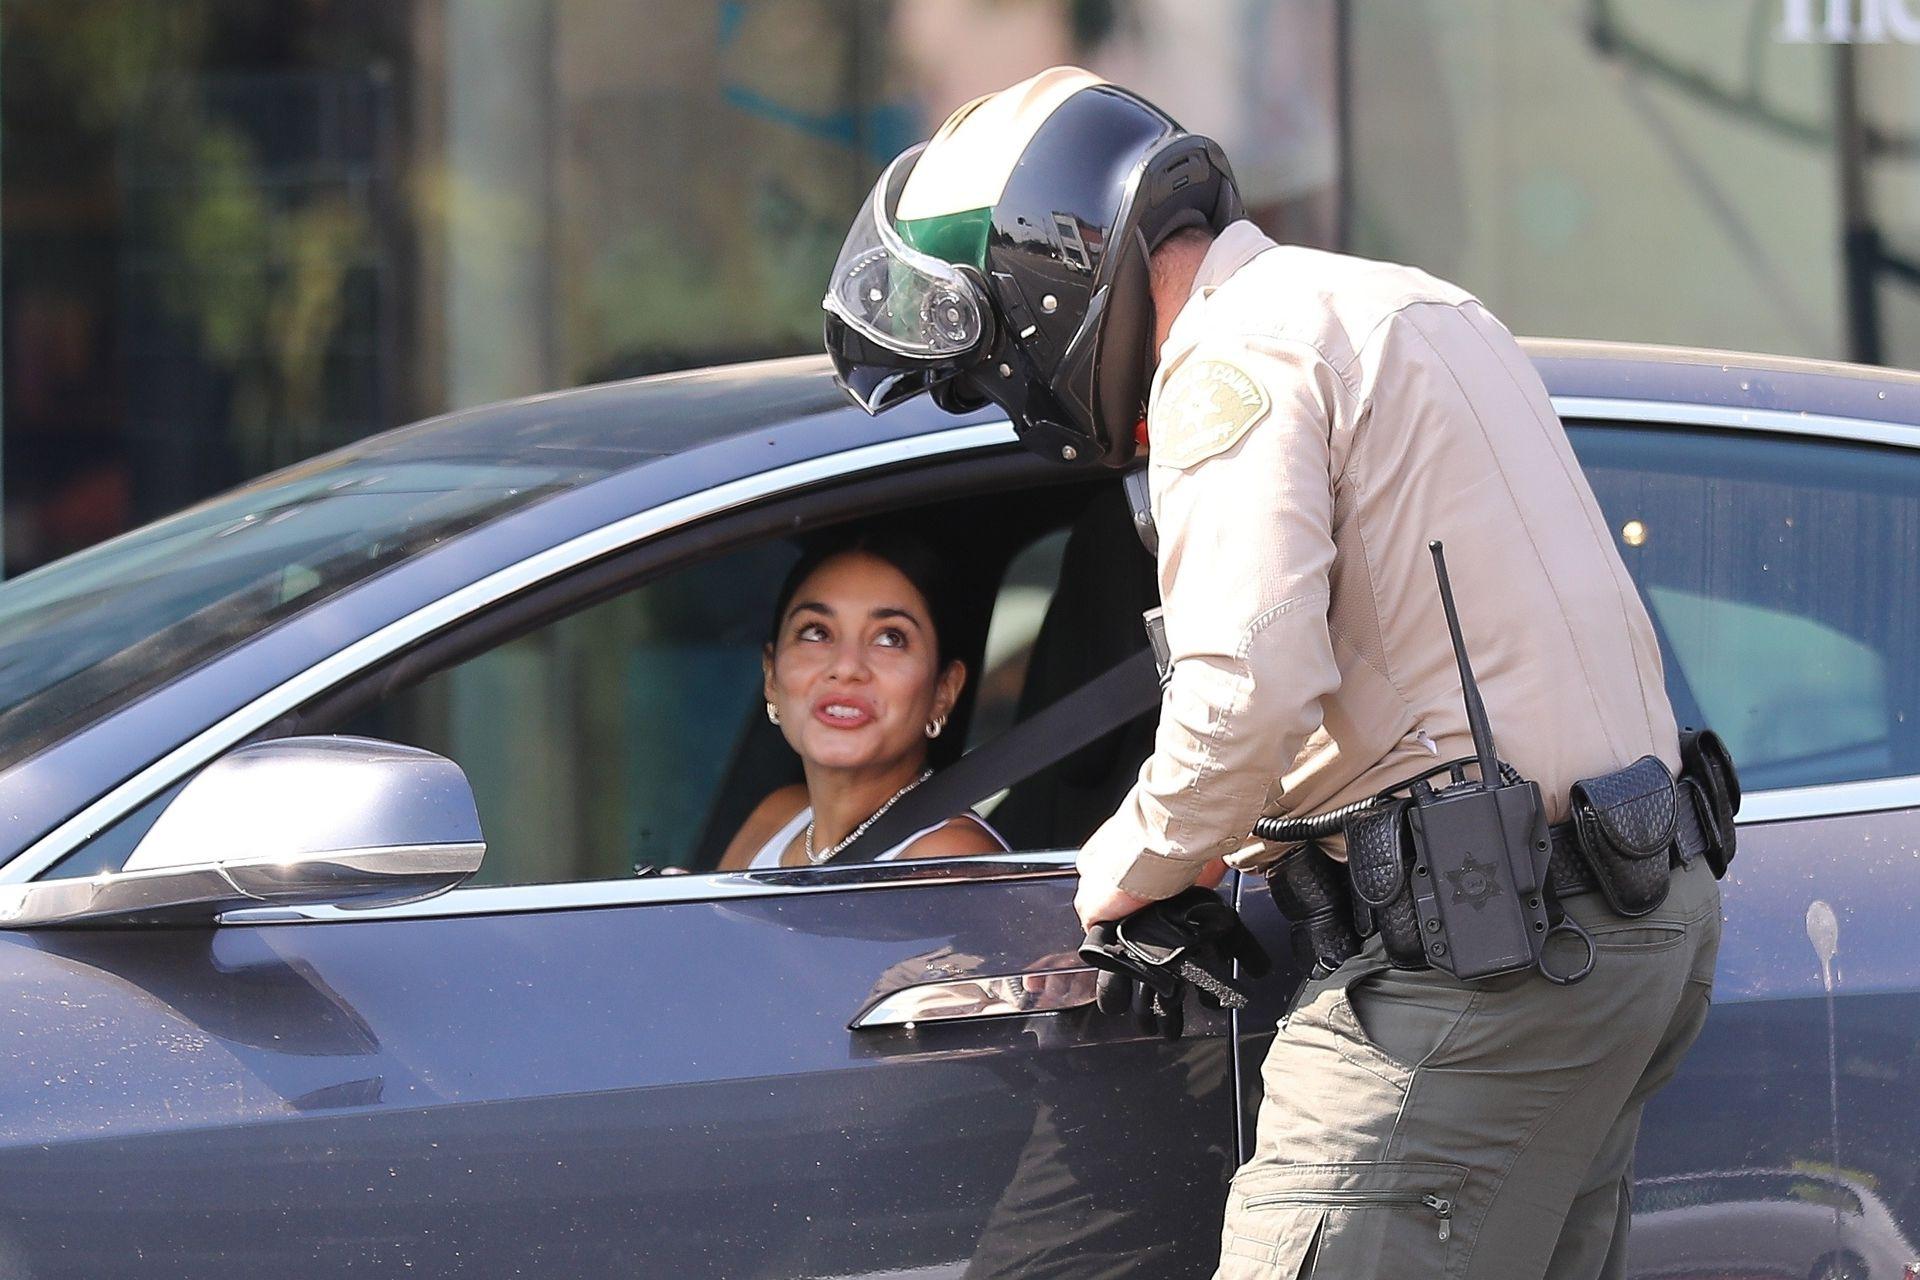 Los flashes captaron el momento en que Vanessa Hudgens recibía una multa por hablar por celular mientras conducía